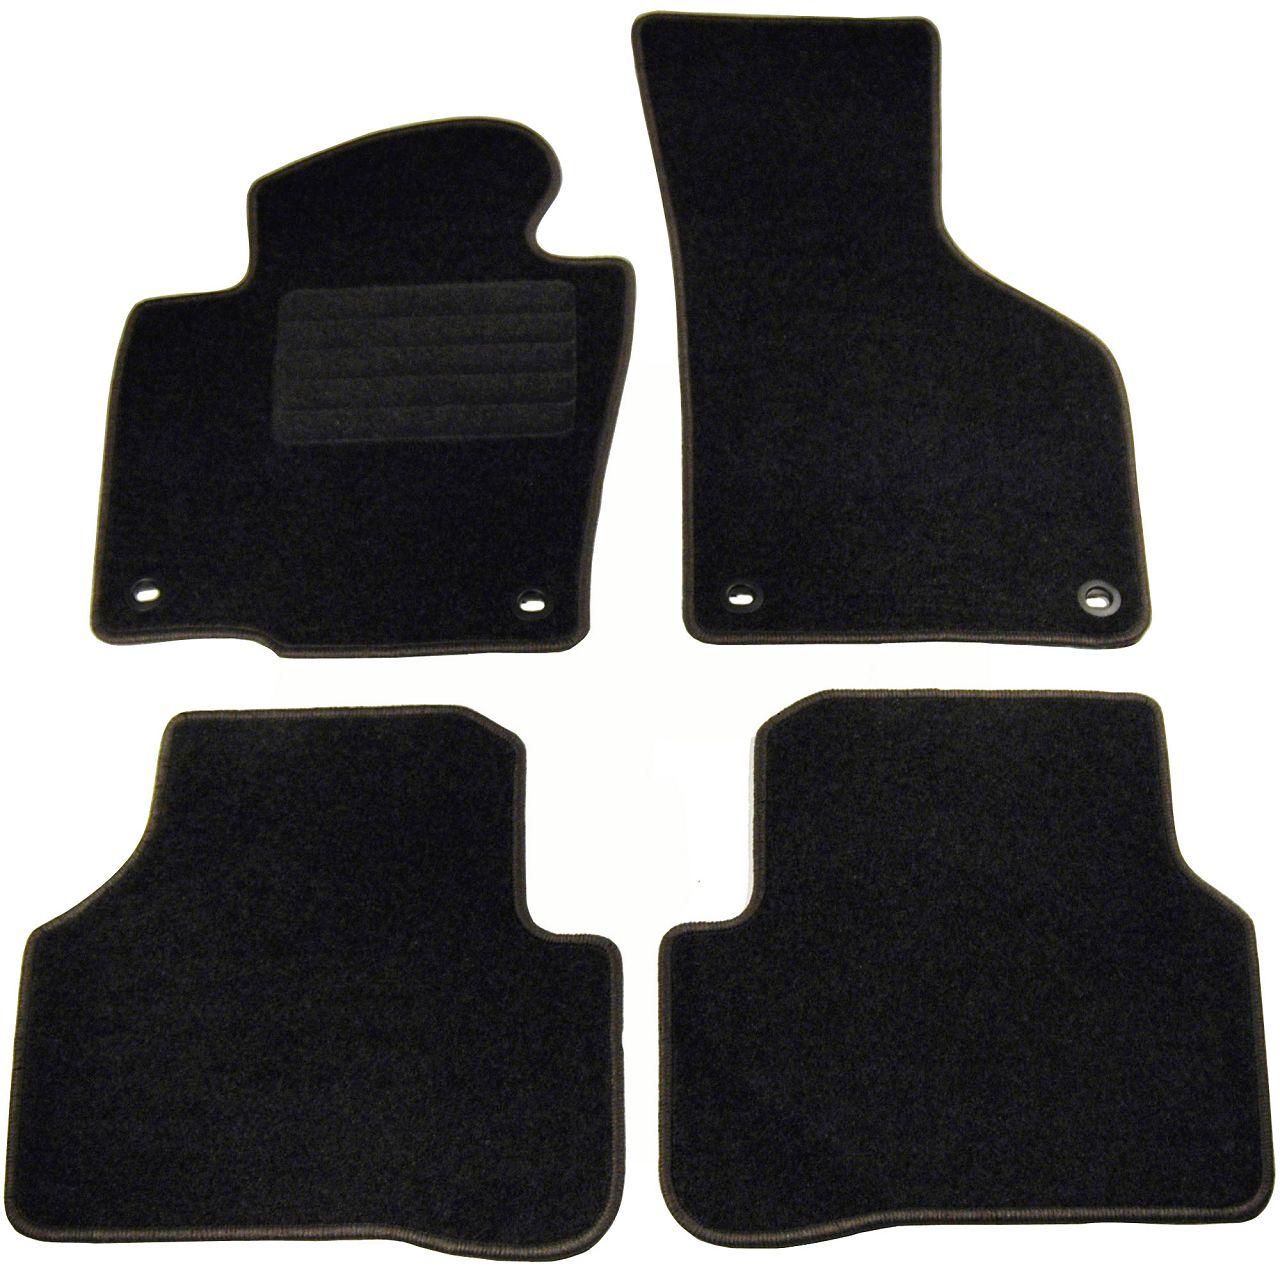 SCHÖNEK Veloursmatten Textilmatten Fußmatten VW Pasast (3C B6) bis 12.2006 4-teilig